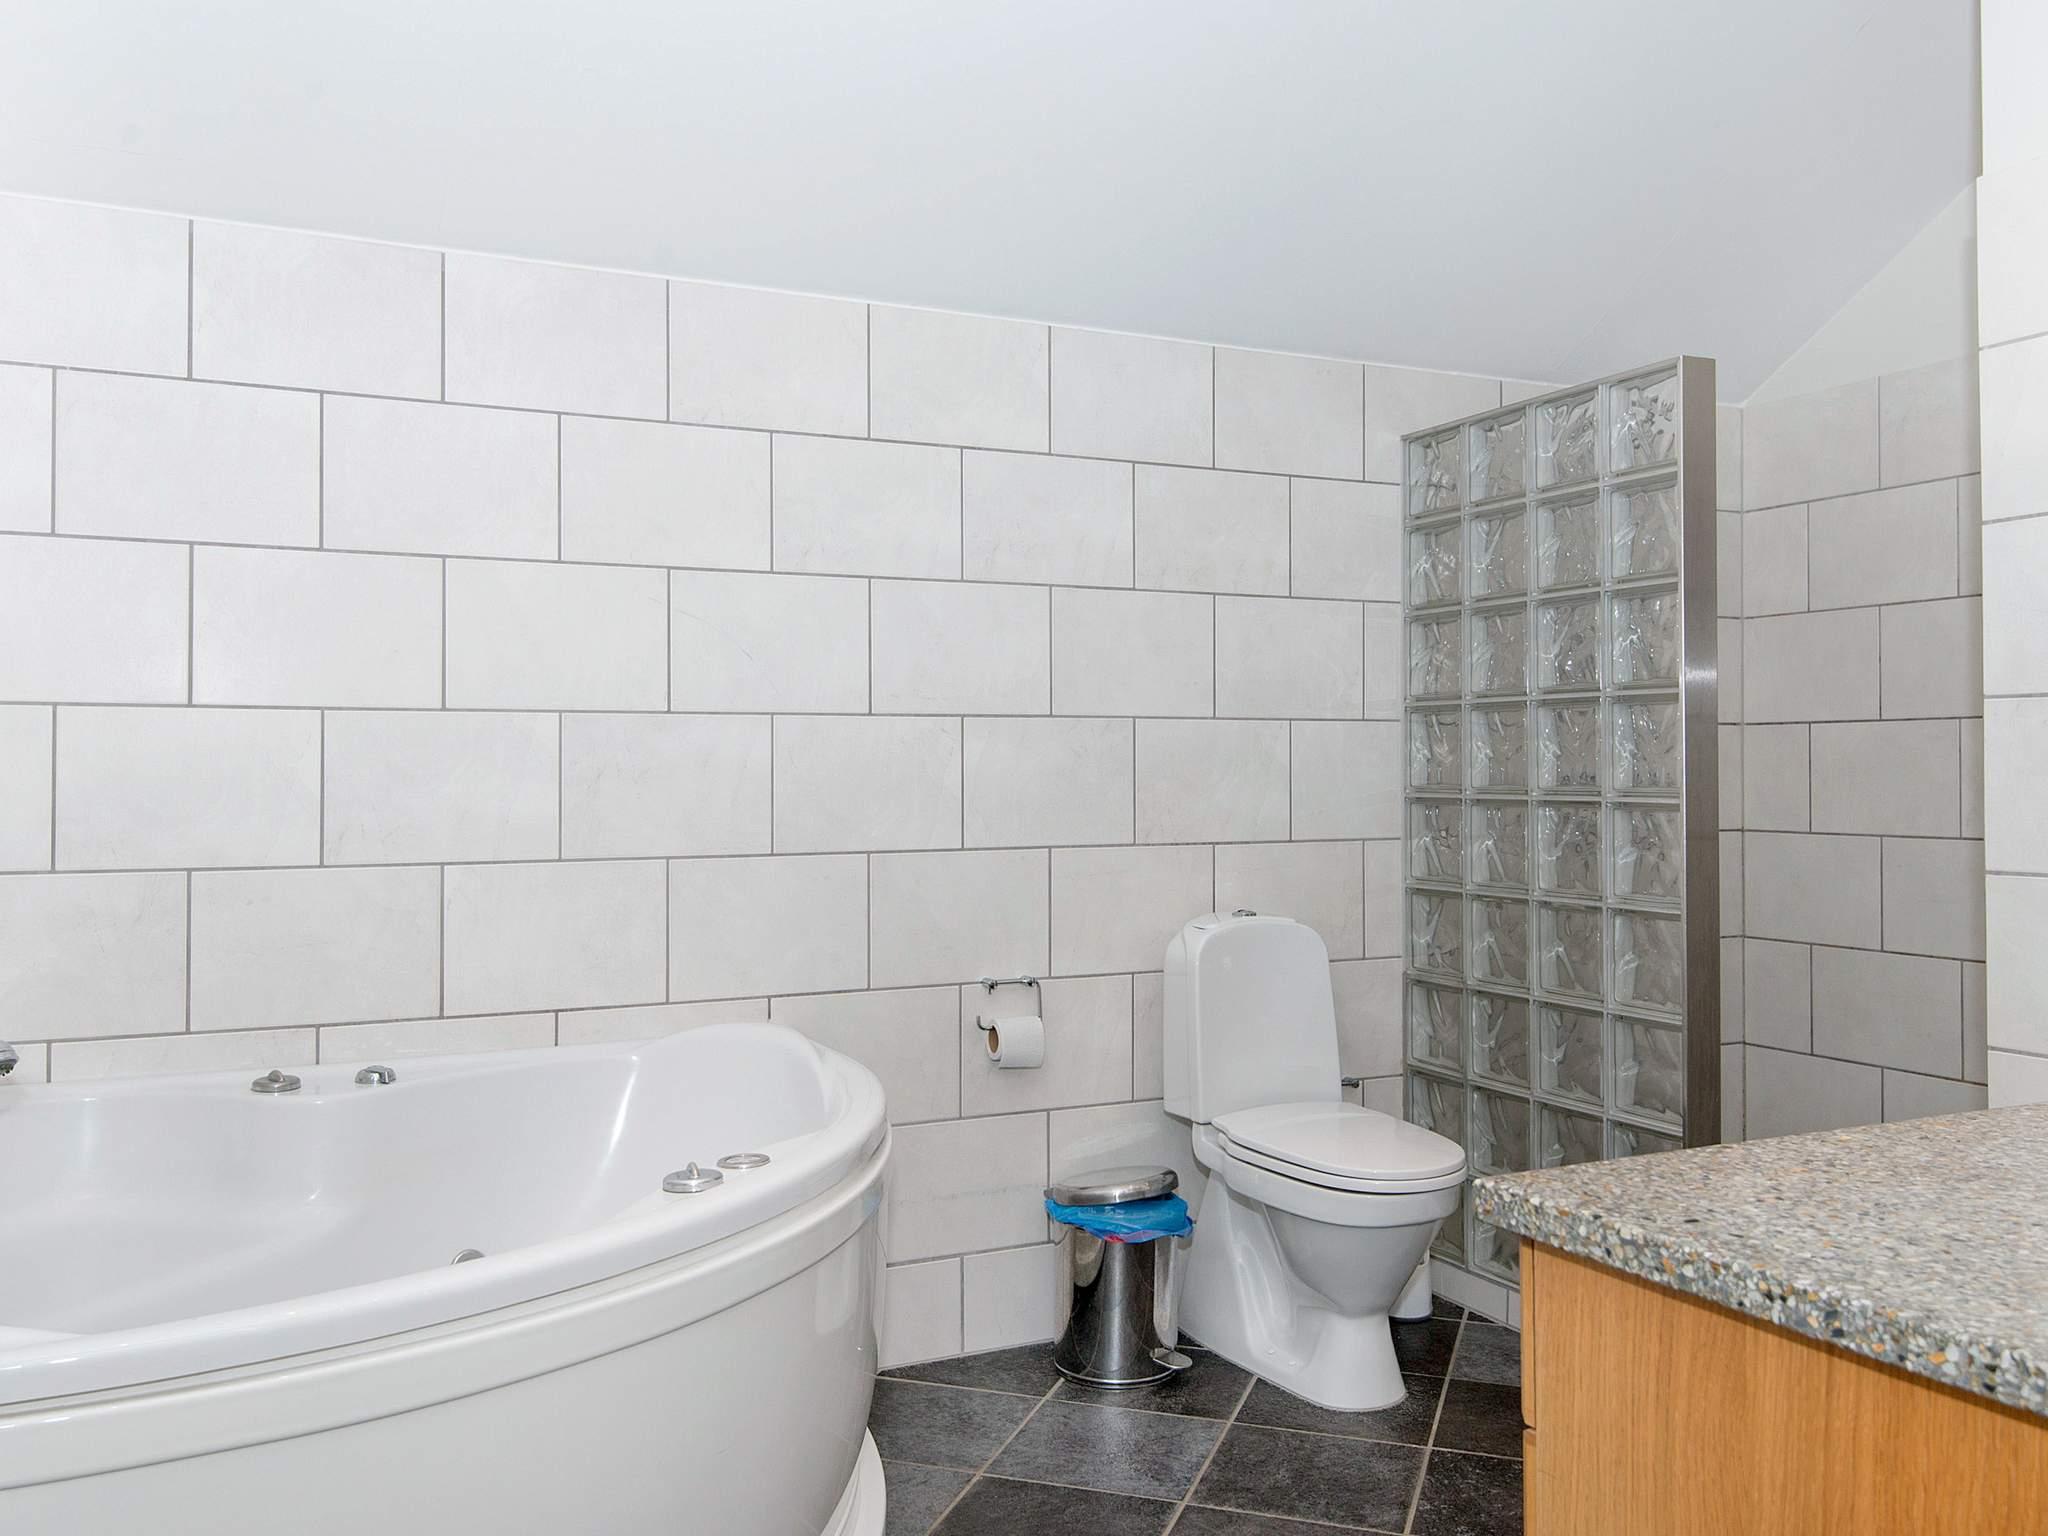 Ferienwohnung Bønnerup Strand - Typ 5 - 3 Zimmer,1.stock,Penthouse (1719346), Bønnerup, , Ostjütland, Dänemark, Bild 2